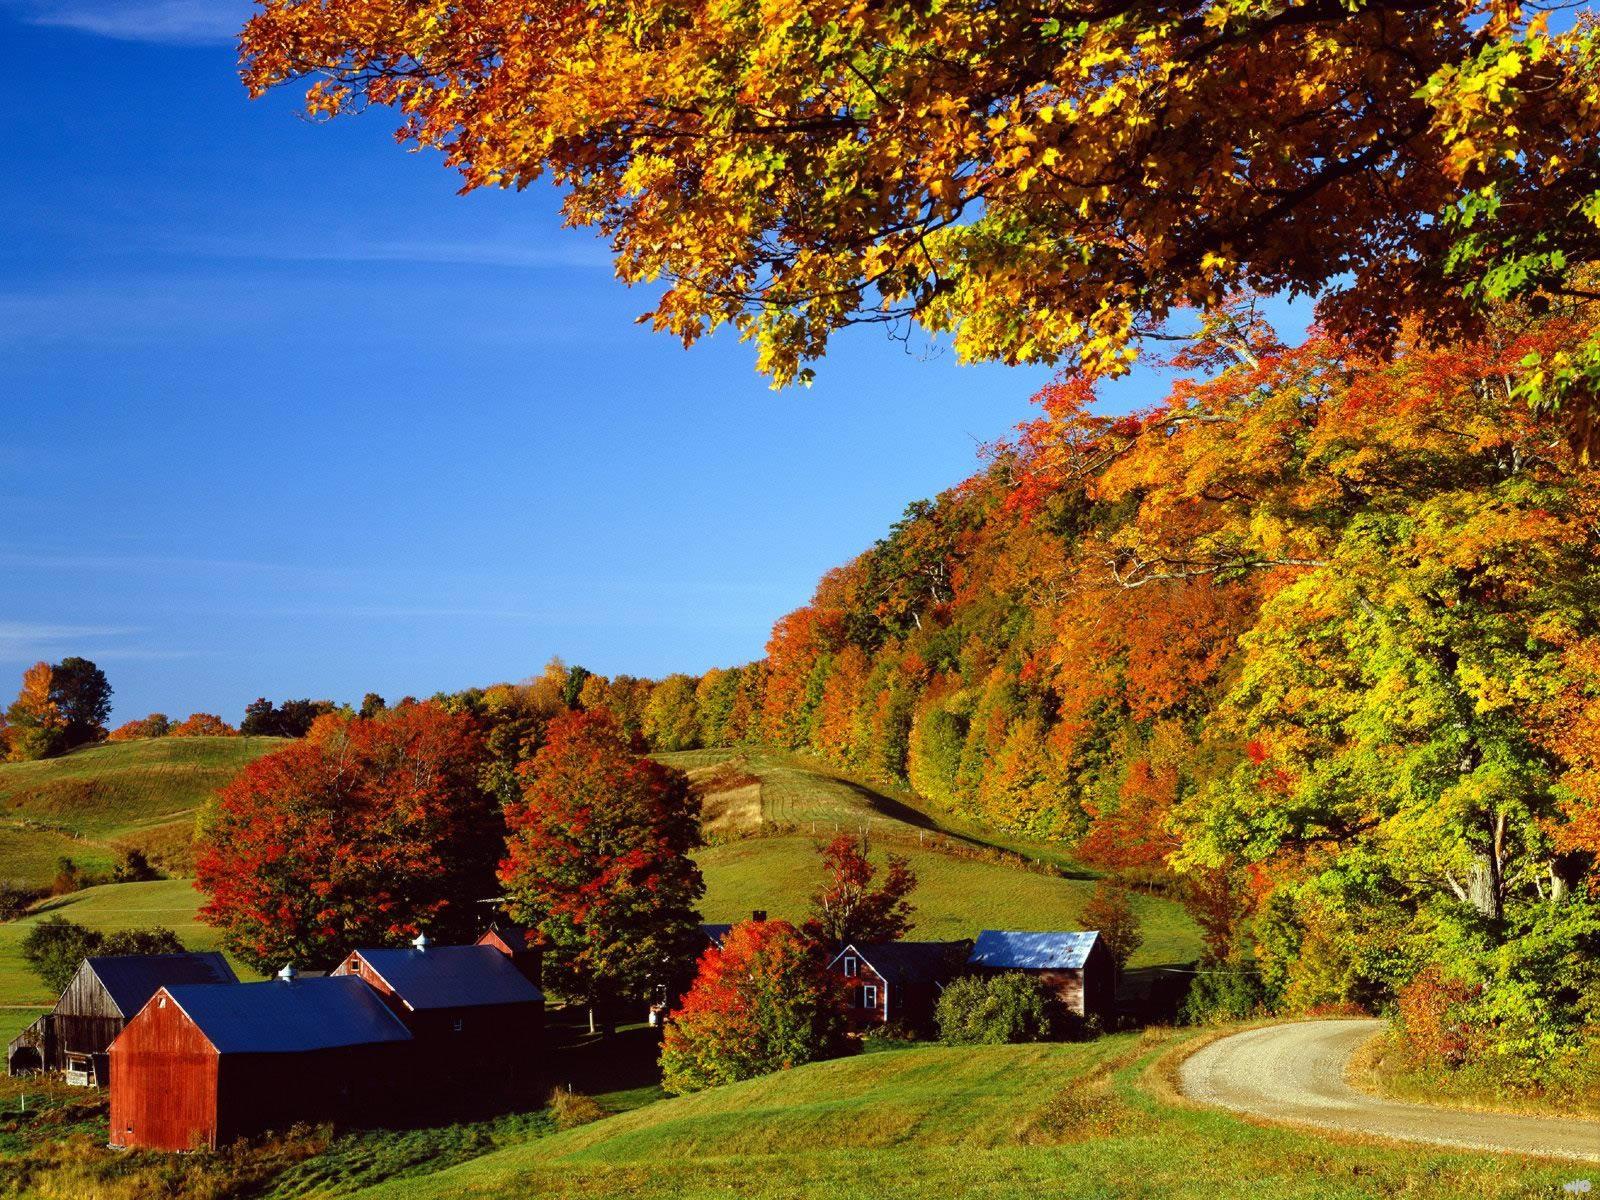 Autumn scenes wallpaper landscapes wallpapersafari - Pics of fall scenes ...